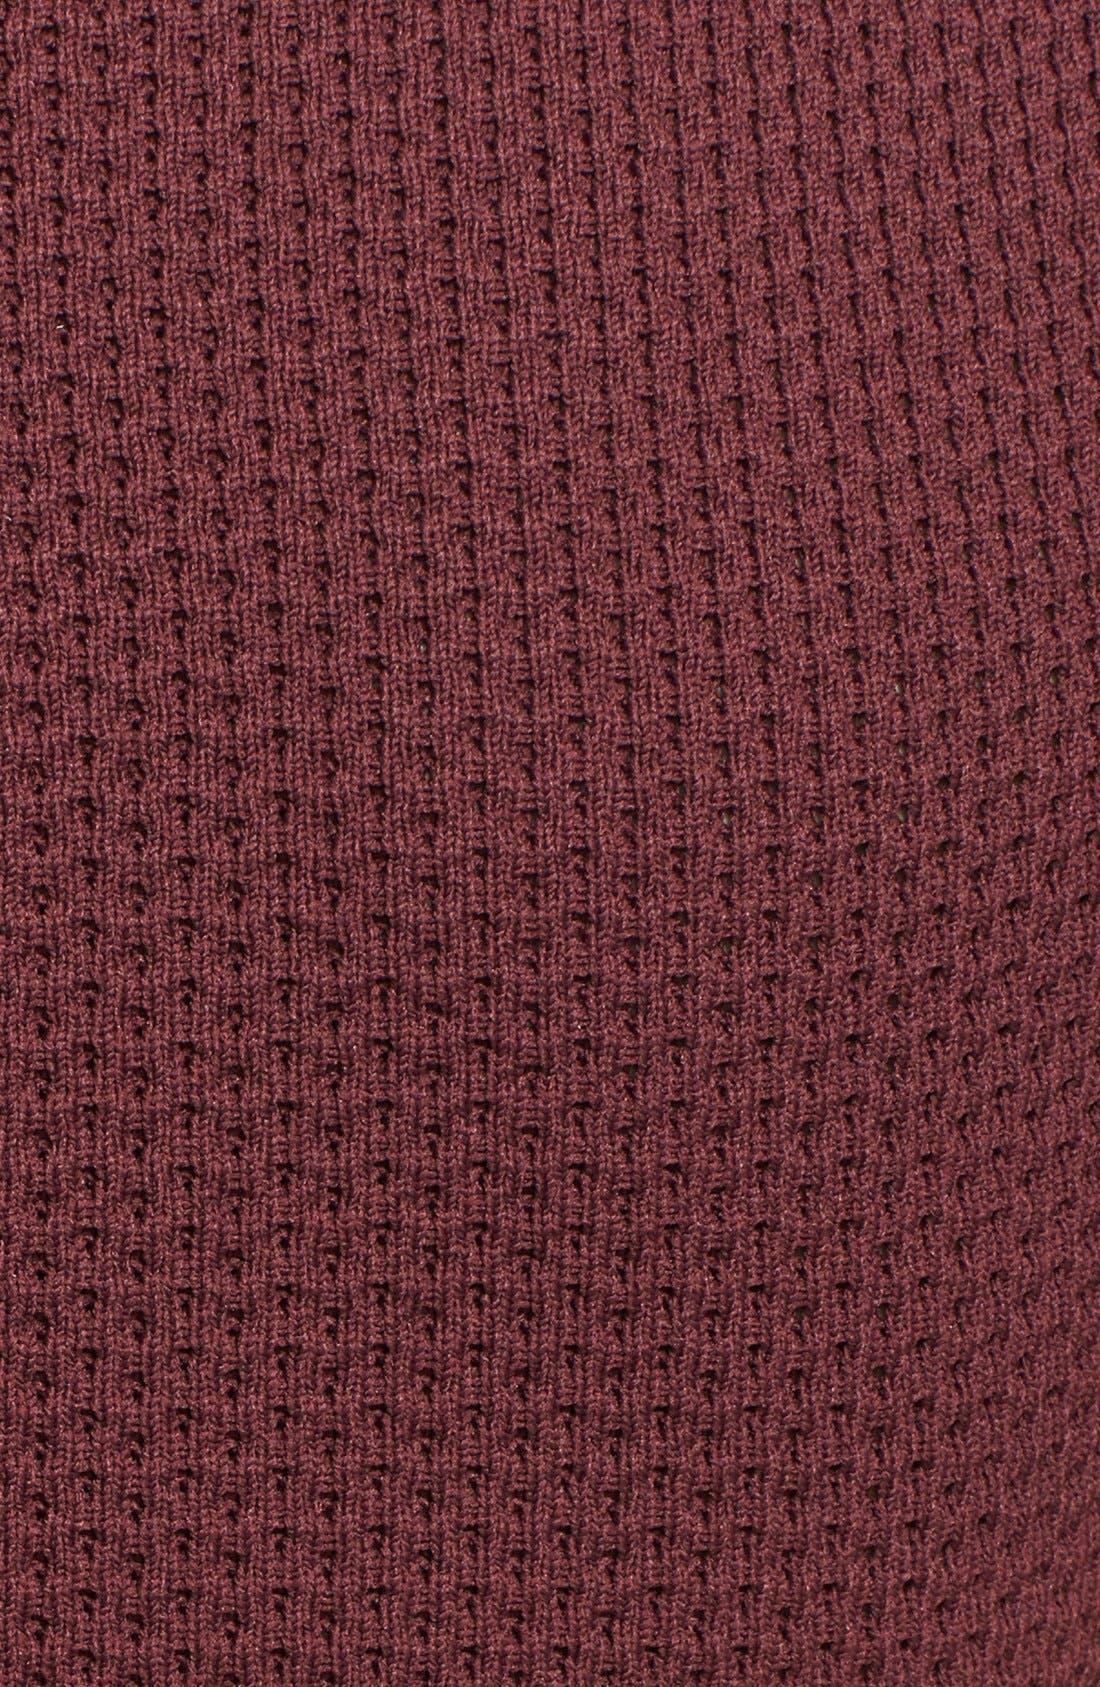 Alternate Image 3  - Alexander Wang Shrunken Tee Sweater Dress